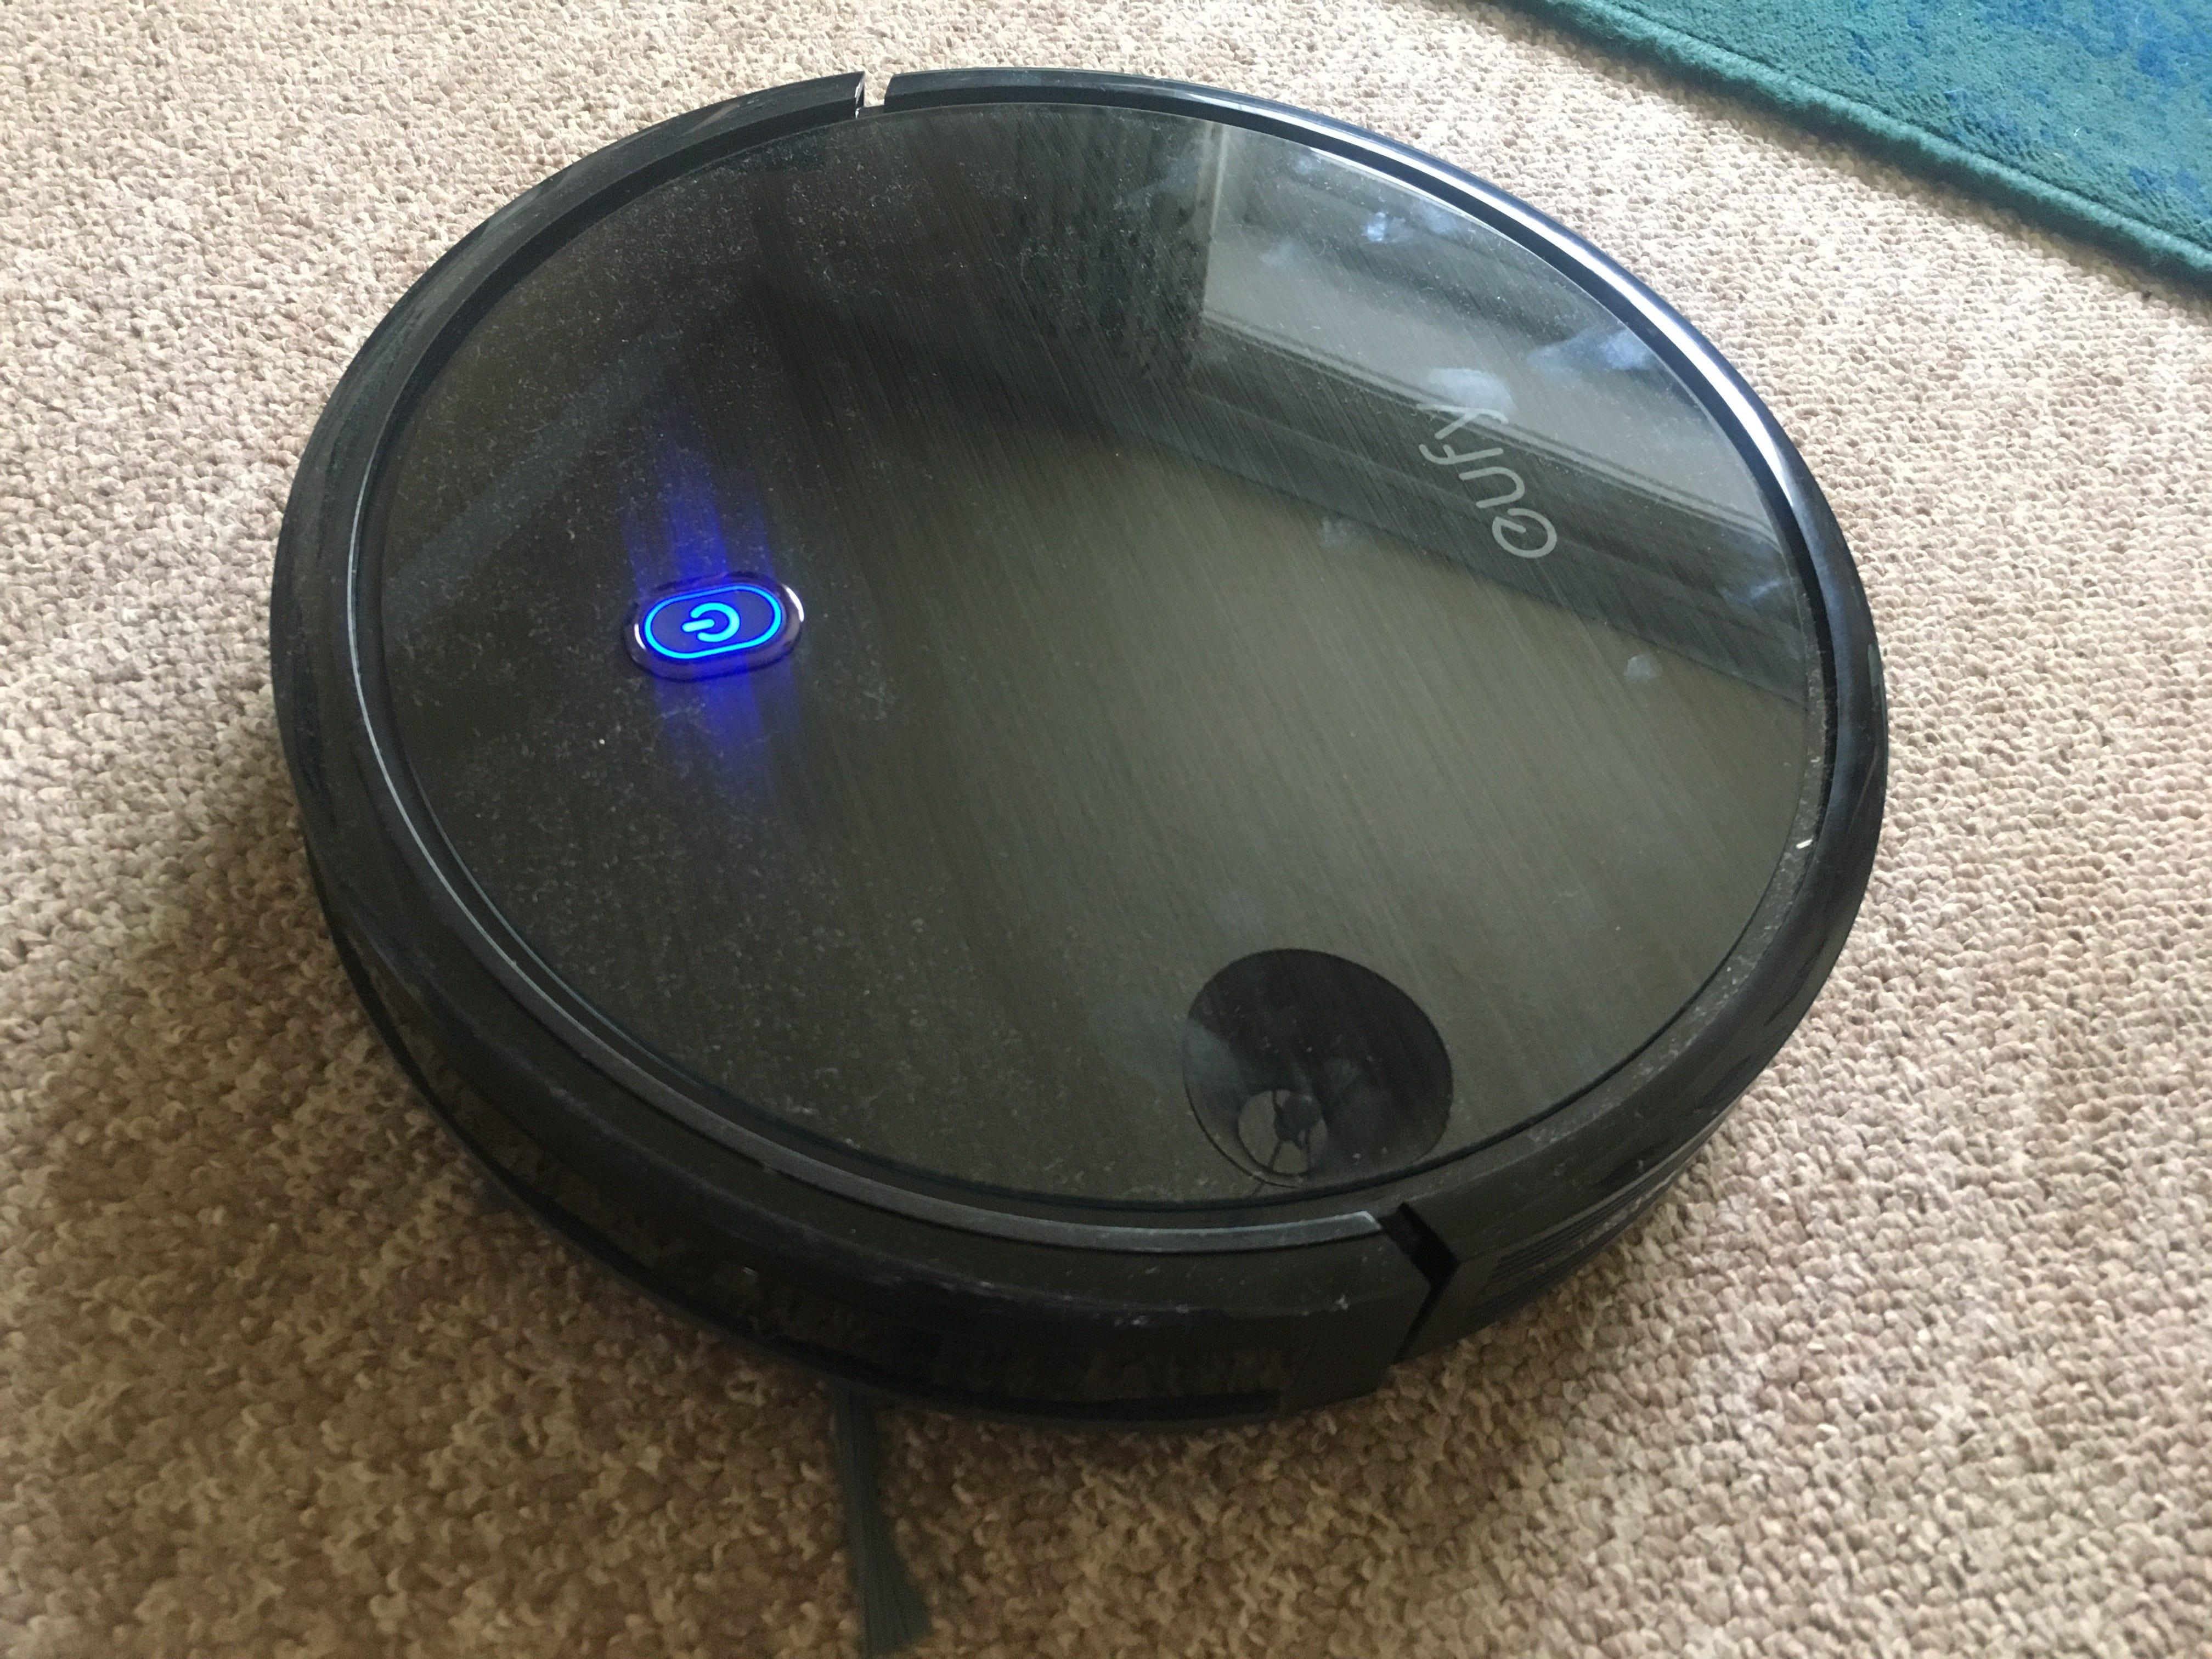 eufy BoostIQ RoboVac 11S Review: Ein praktisches (wenn nicht besonders intelligentes) Robotic Vacuum